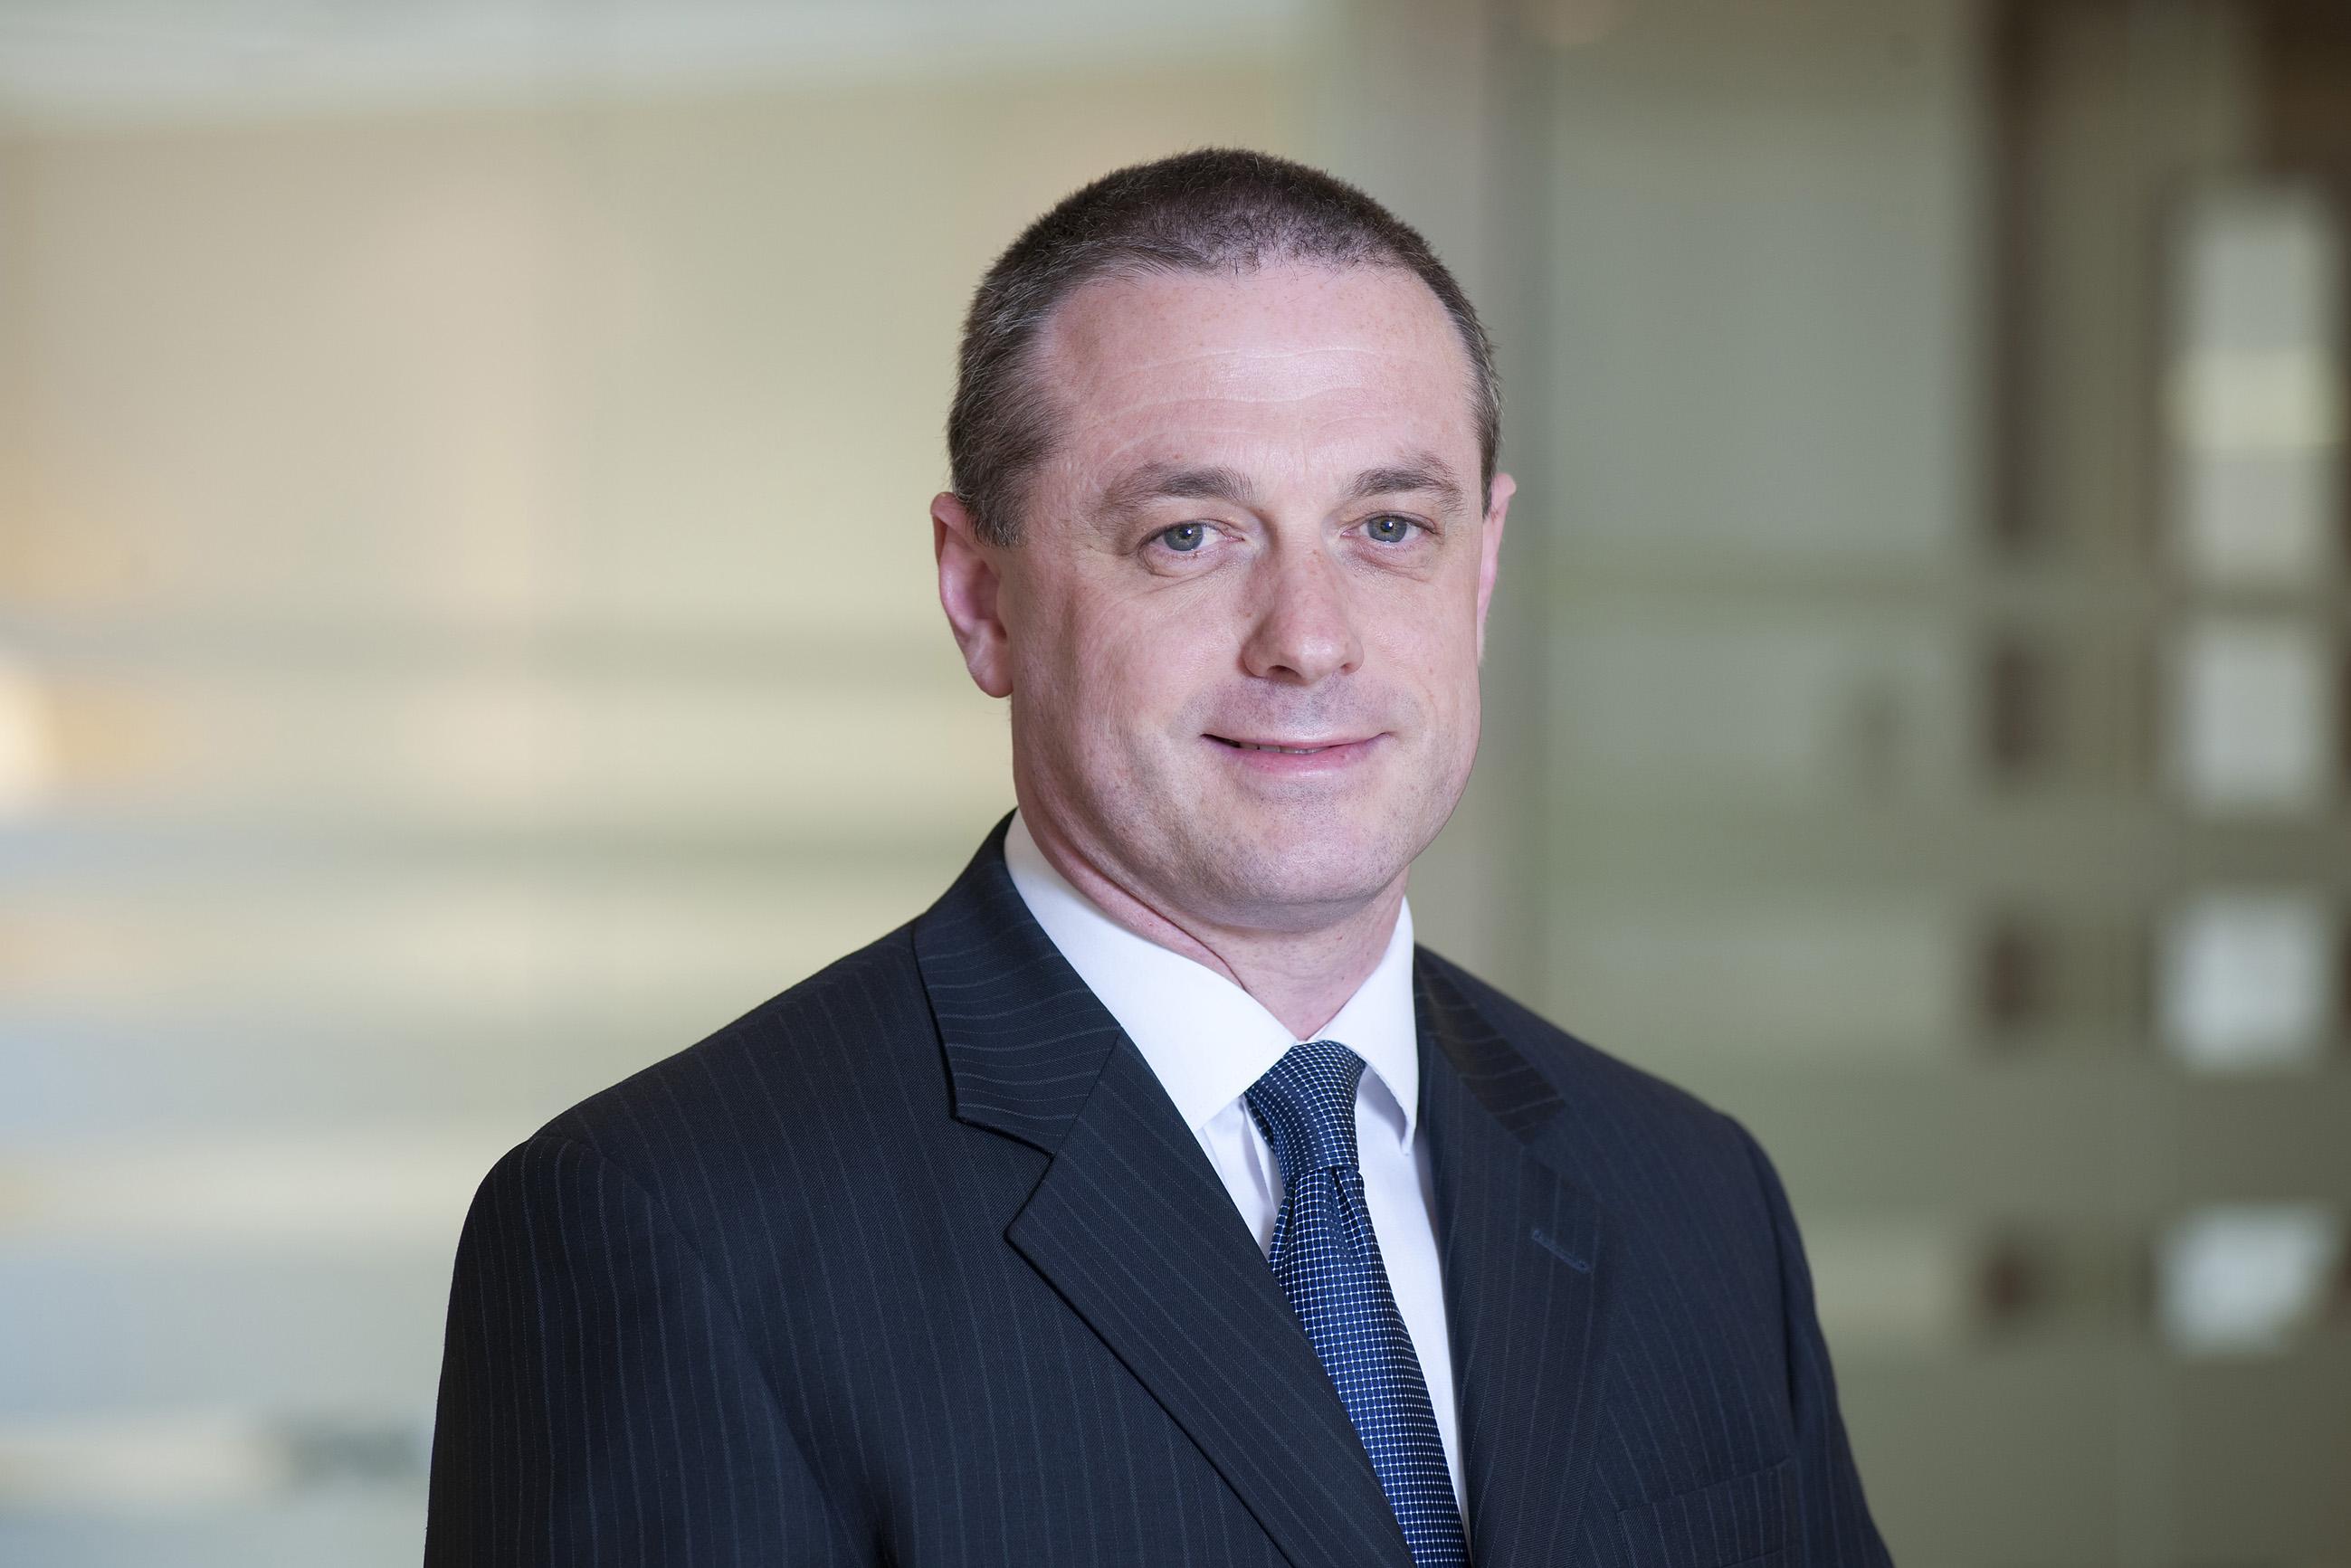 Andrew McKenna